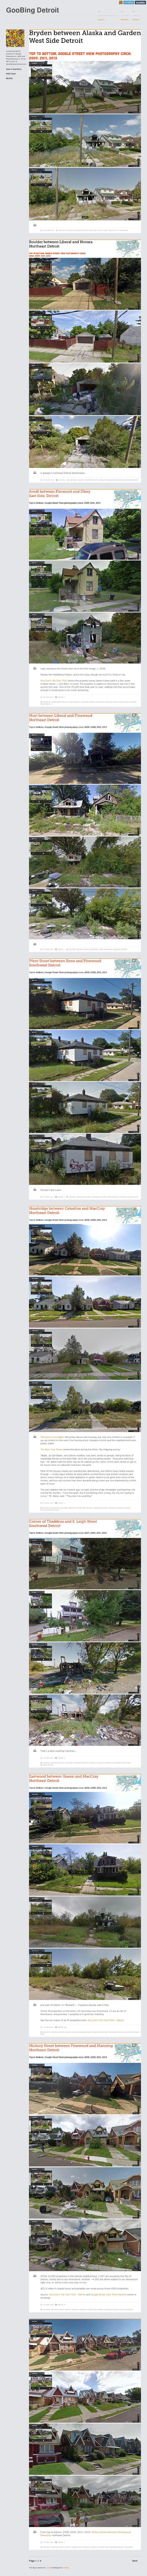 les conséquences de la crise des subprimes a détroit (en 6 ans) via streetview ( et sans zombie)